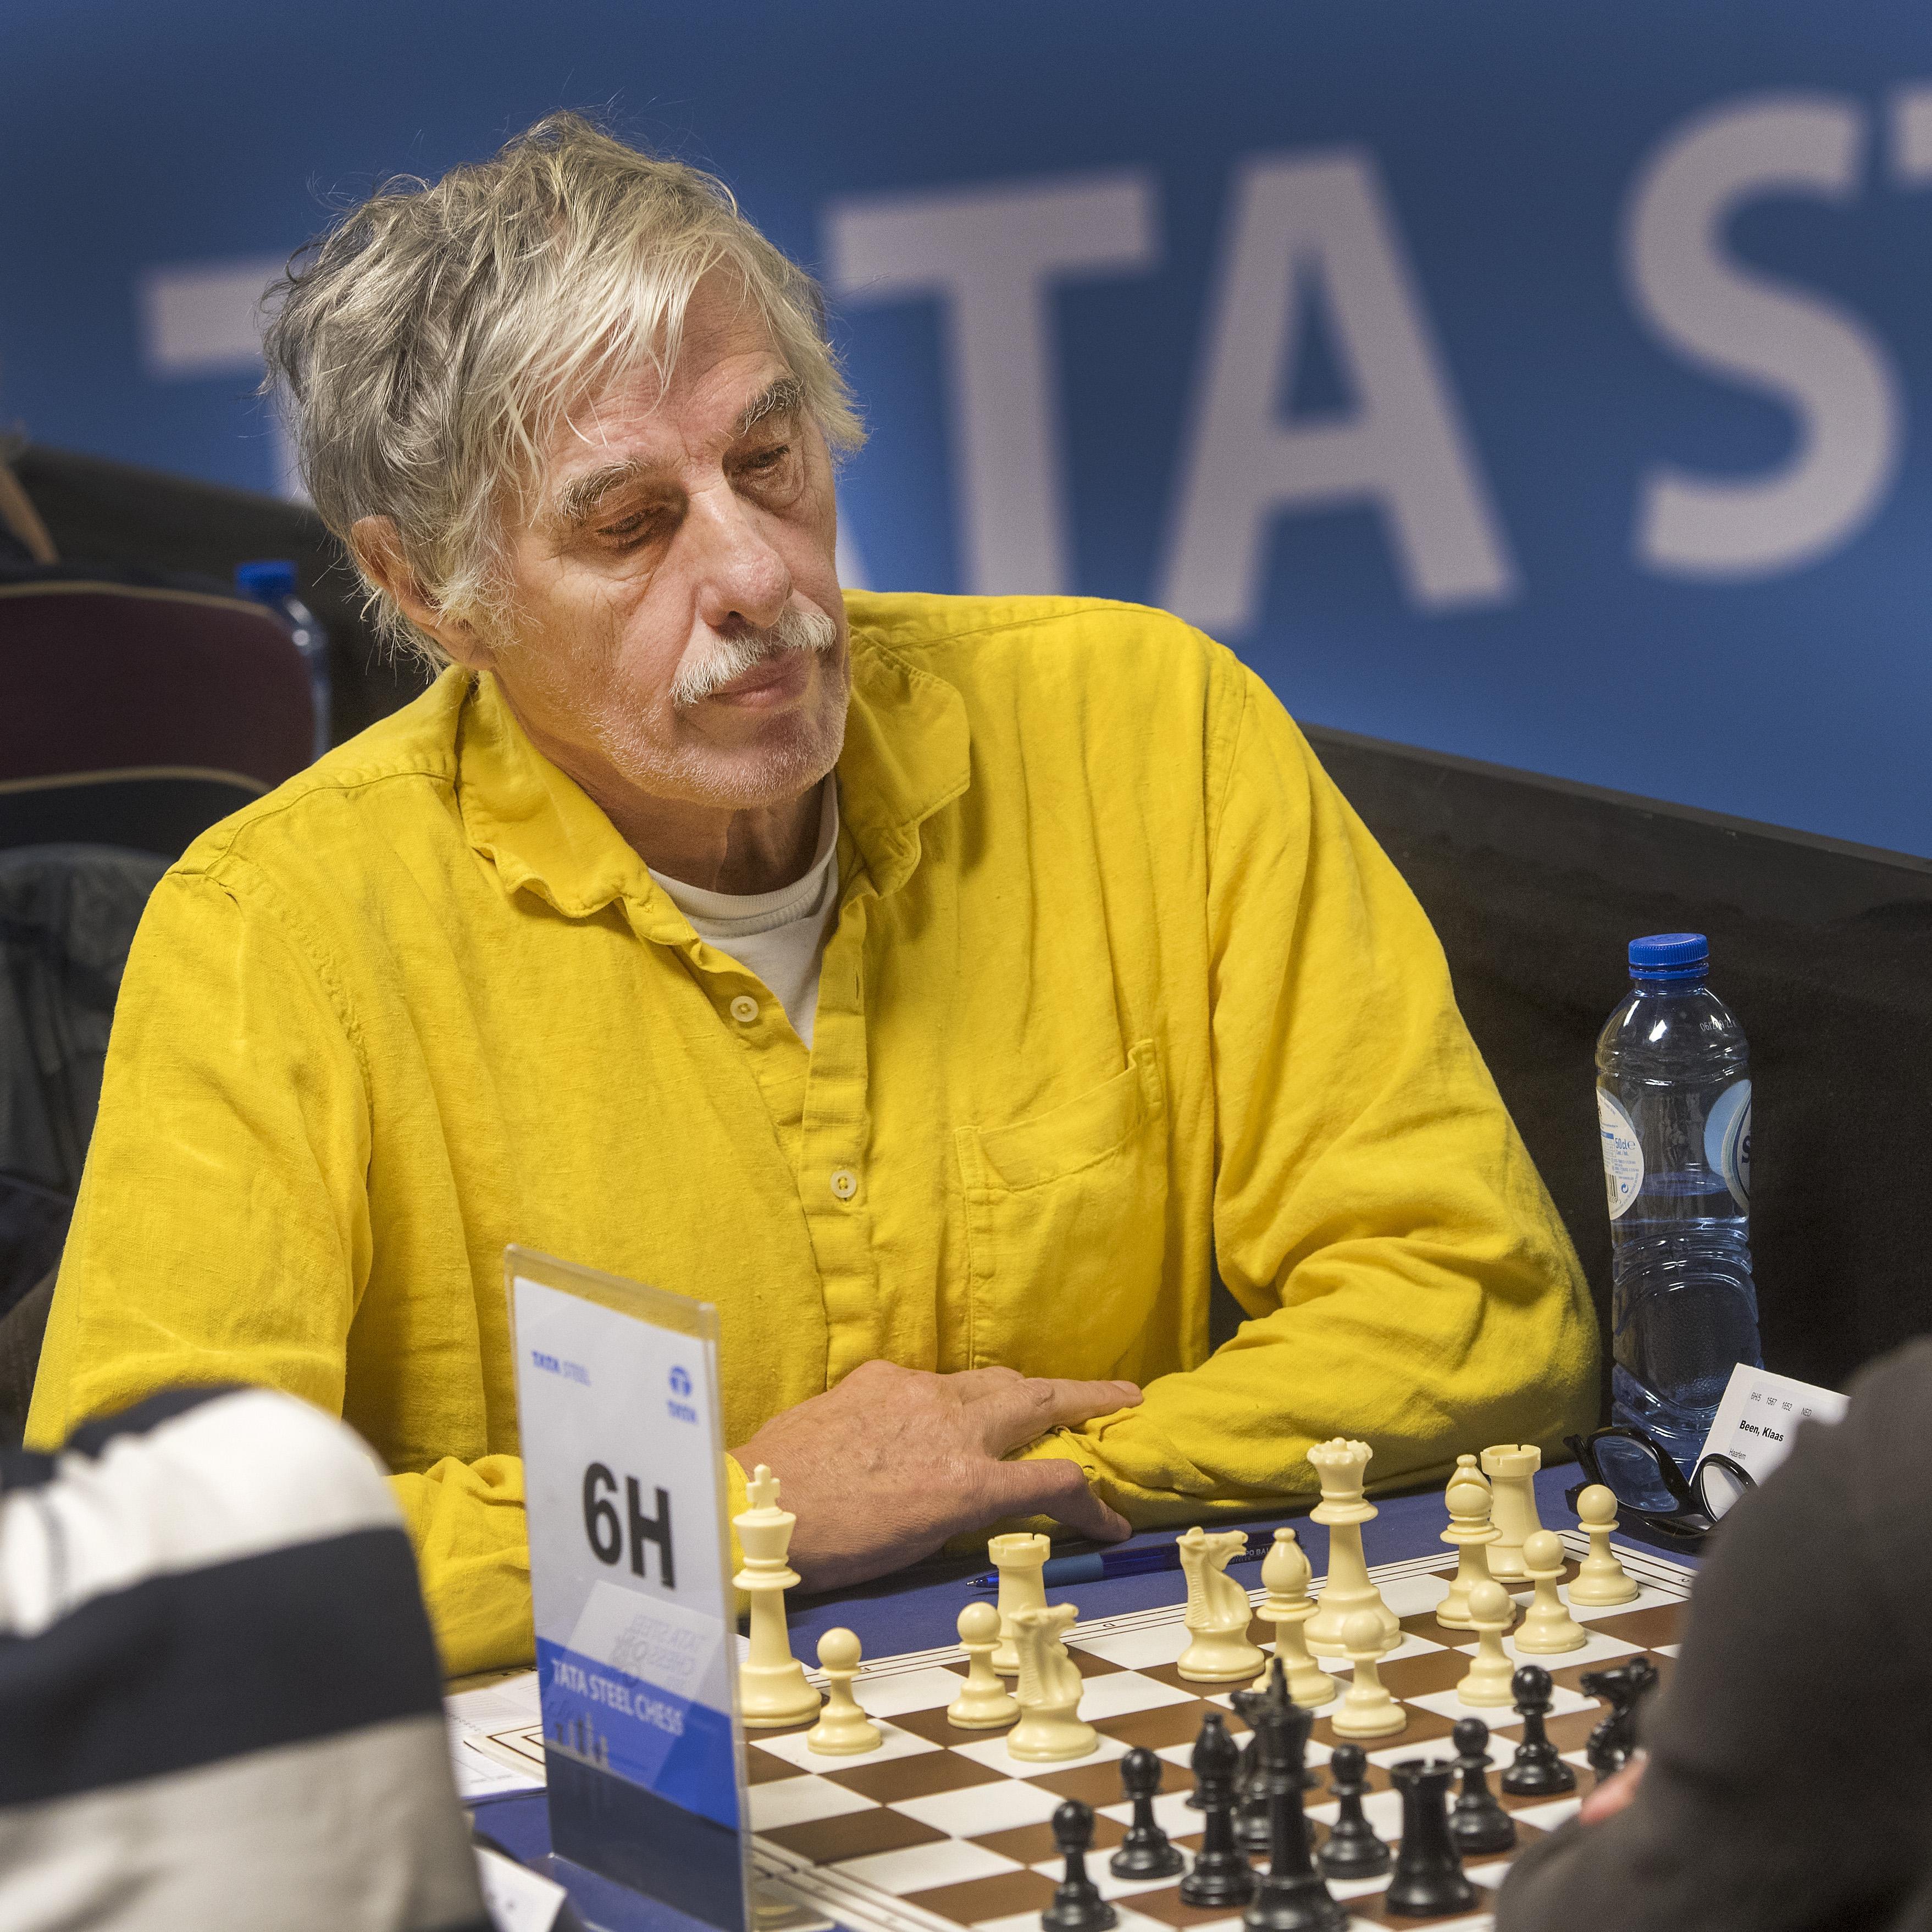 De drie belangrijke levensfases van Tata-schaker Klaas Been